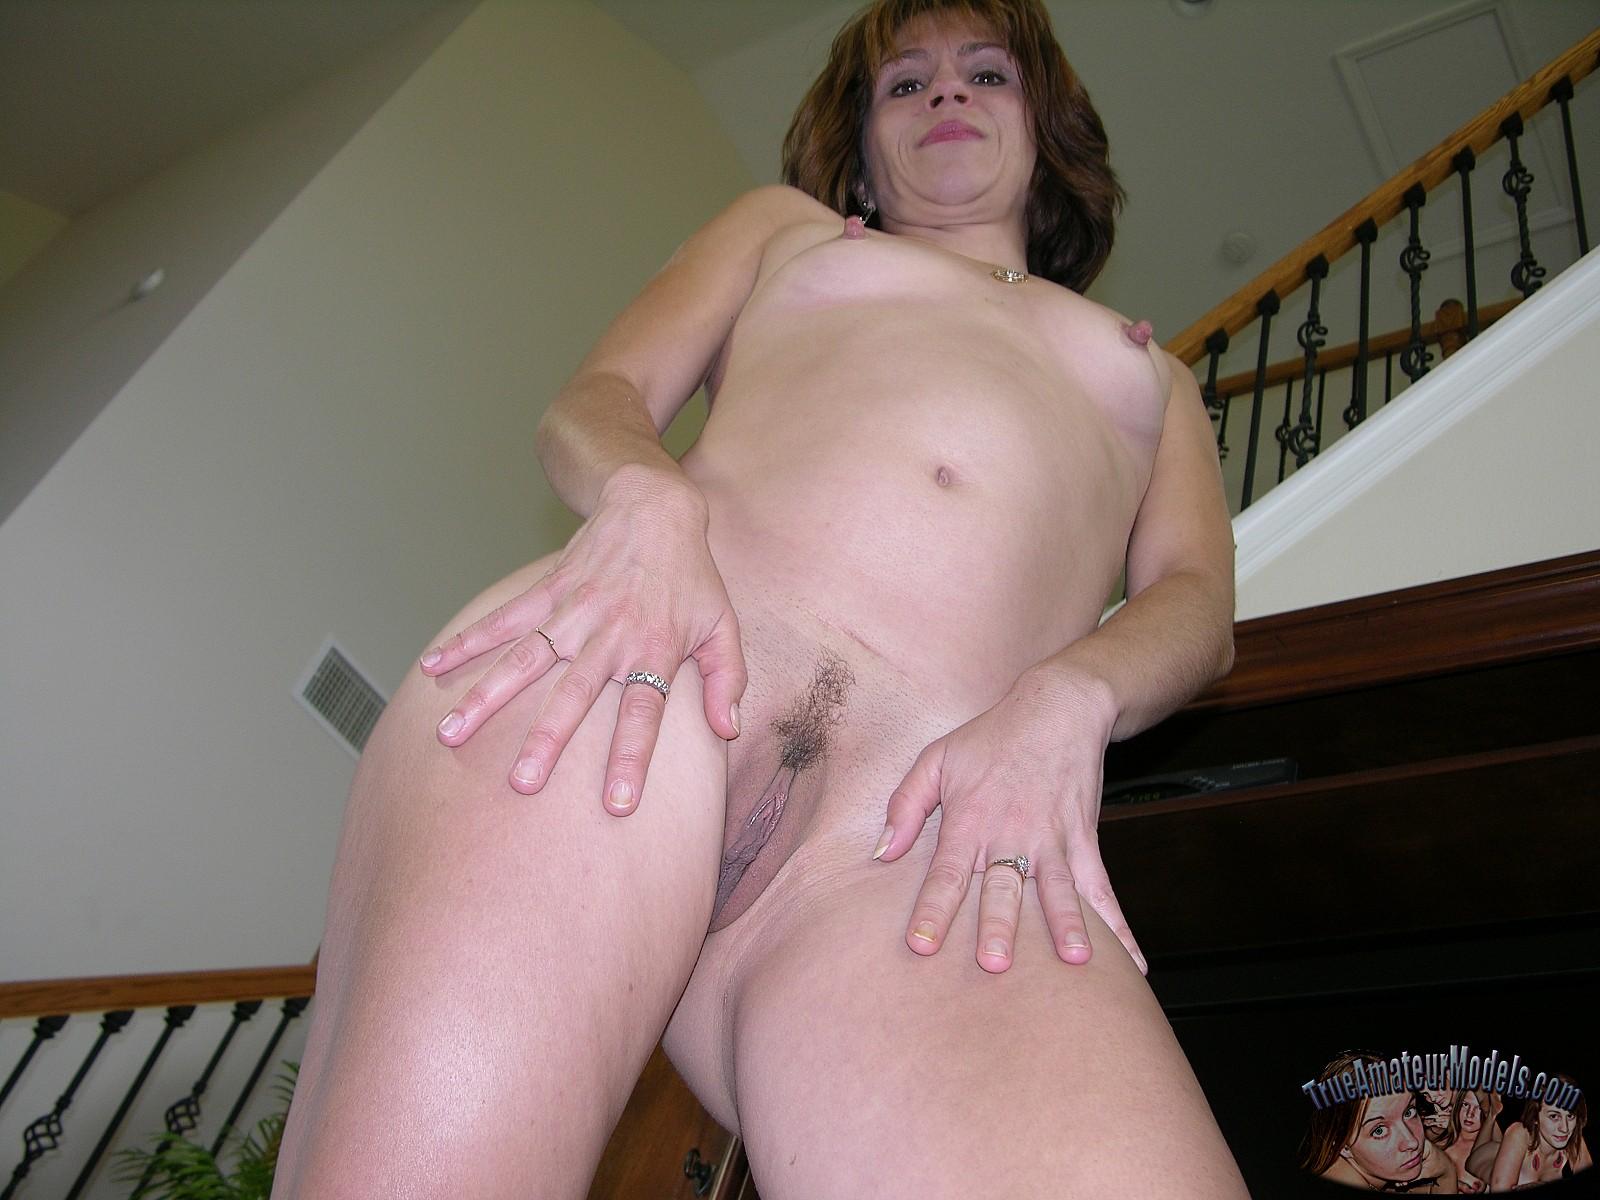 Amateur nackt milf Homemade Porn